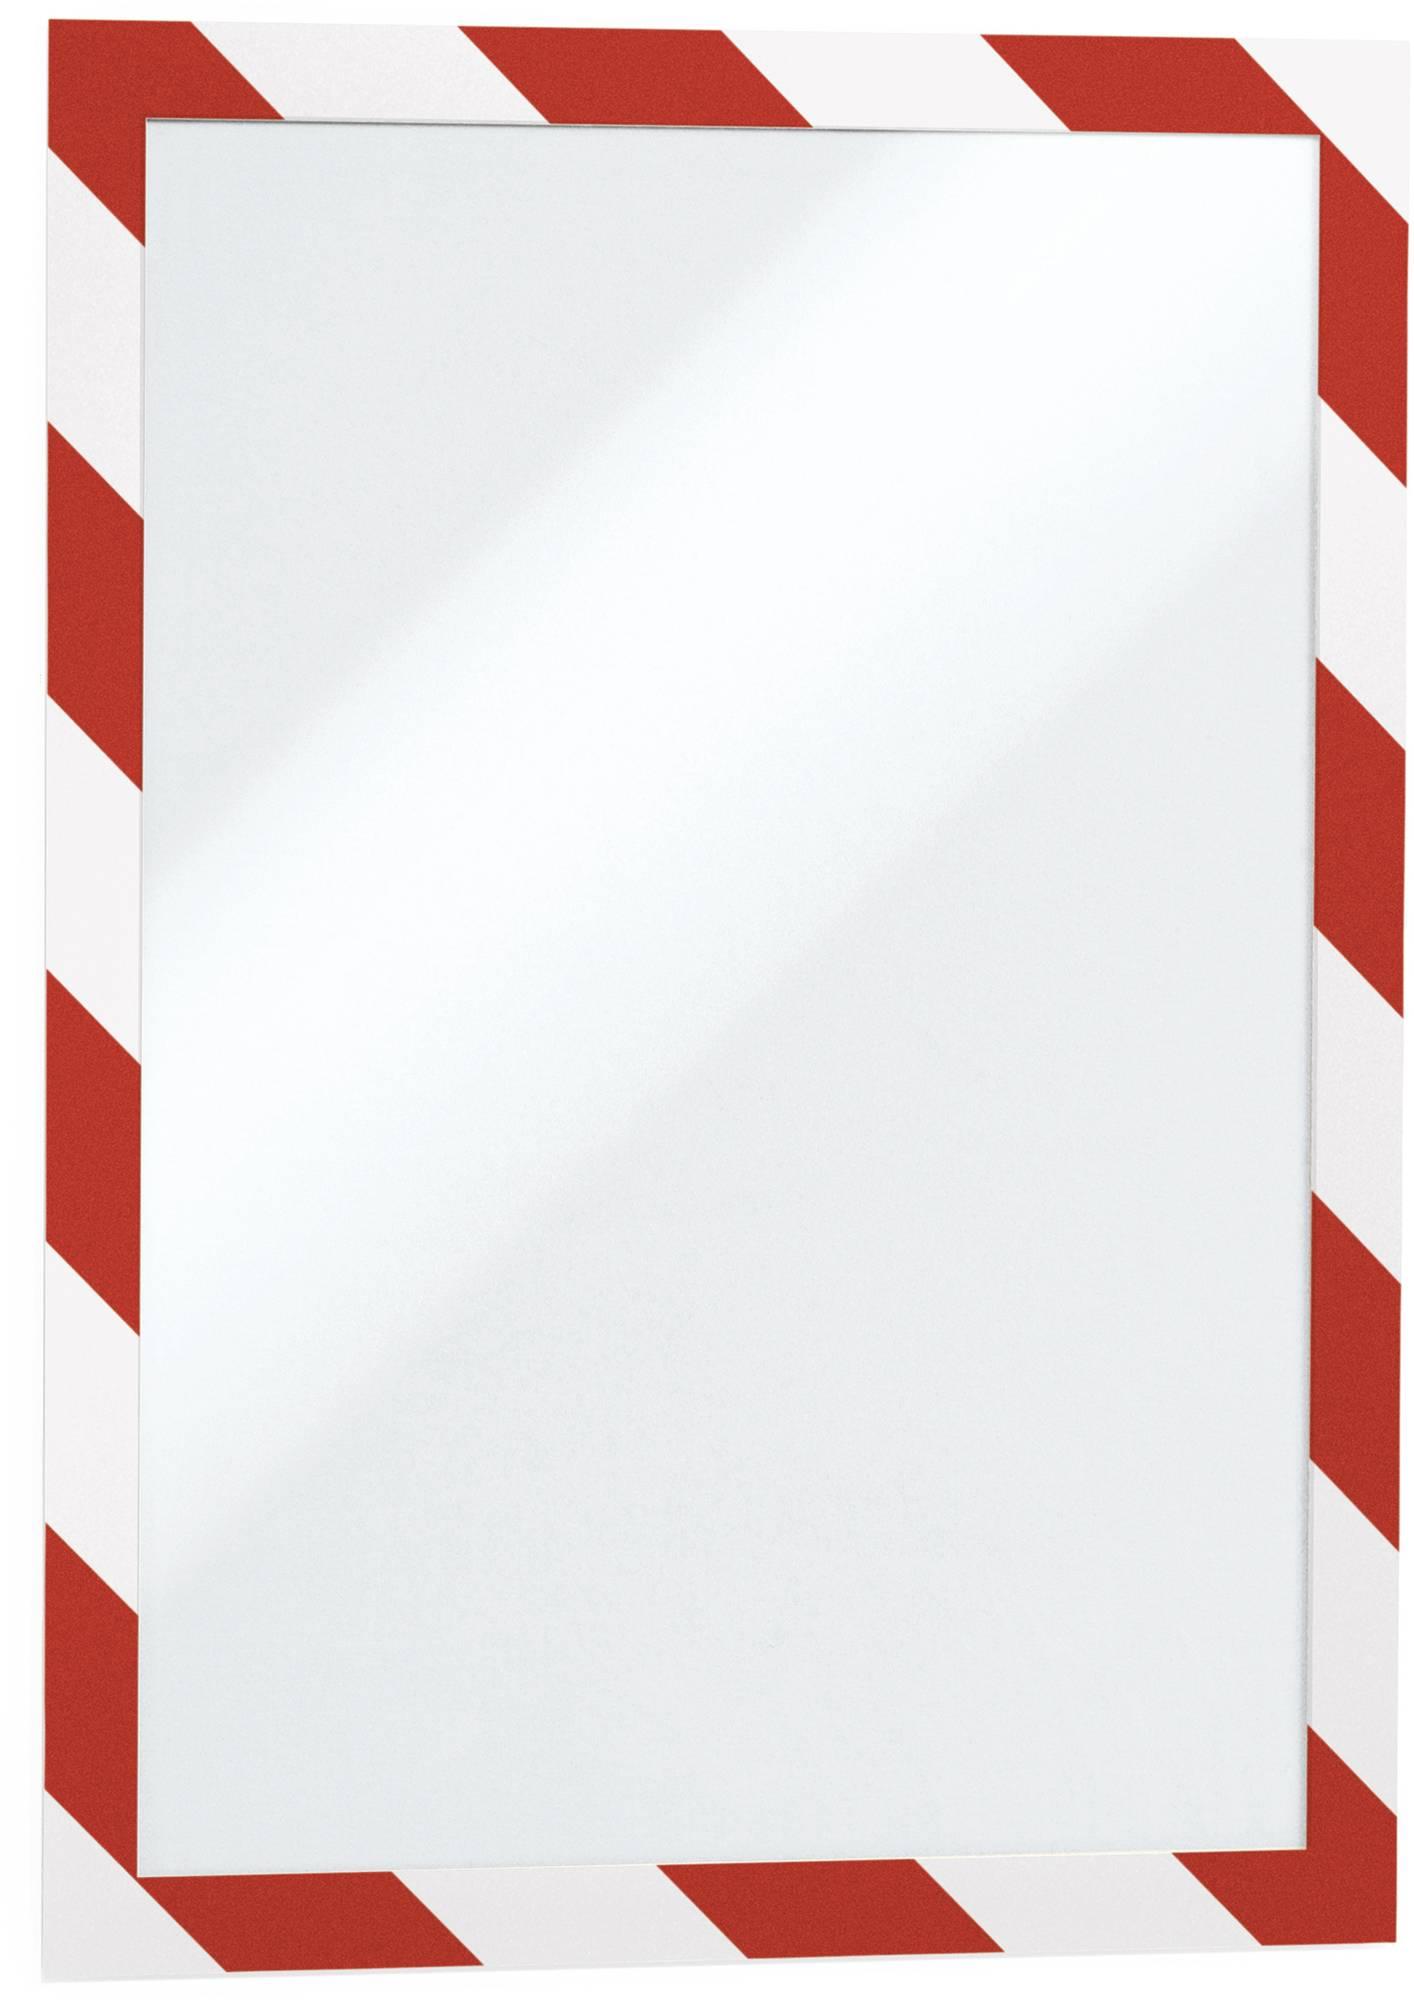 Weiß/rot gestreifter, selbstklebender A4 Duraframe Security Inforahmen –Kennzeichnung DIN ISO 3864-4